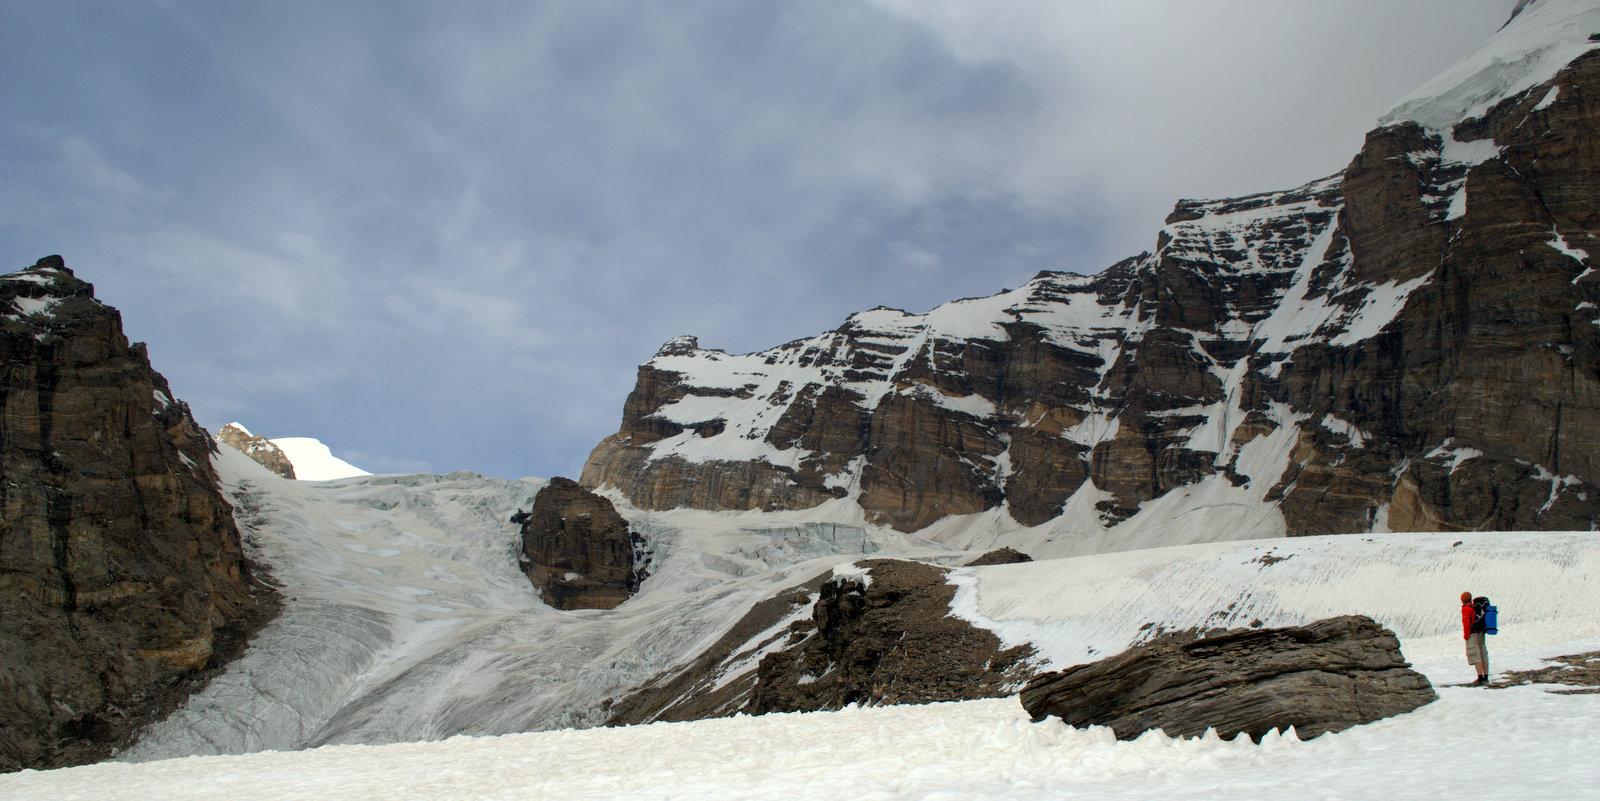 na przełęczy, centralnie wschodni lodowiec Nishgar, po prawej ściany Piku Tadżykistan